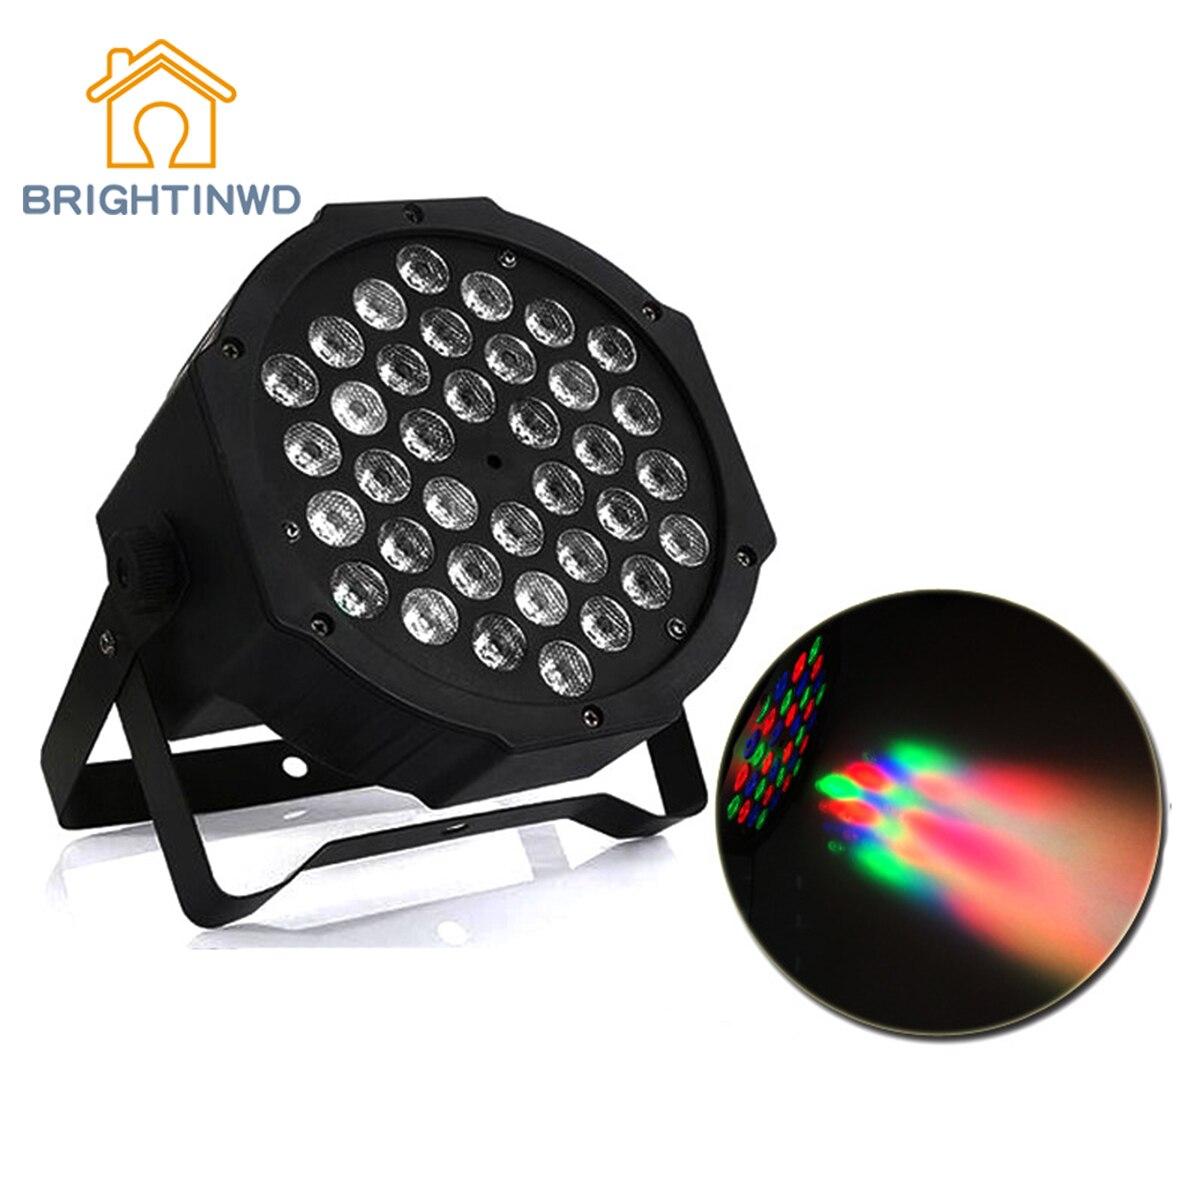 BRIGHTINWD мини led36 прожекторы Пластик Par света Свадебные оборудования сценического освещения Home Entertainment атмосферу света